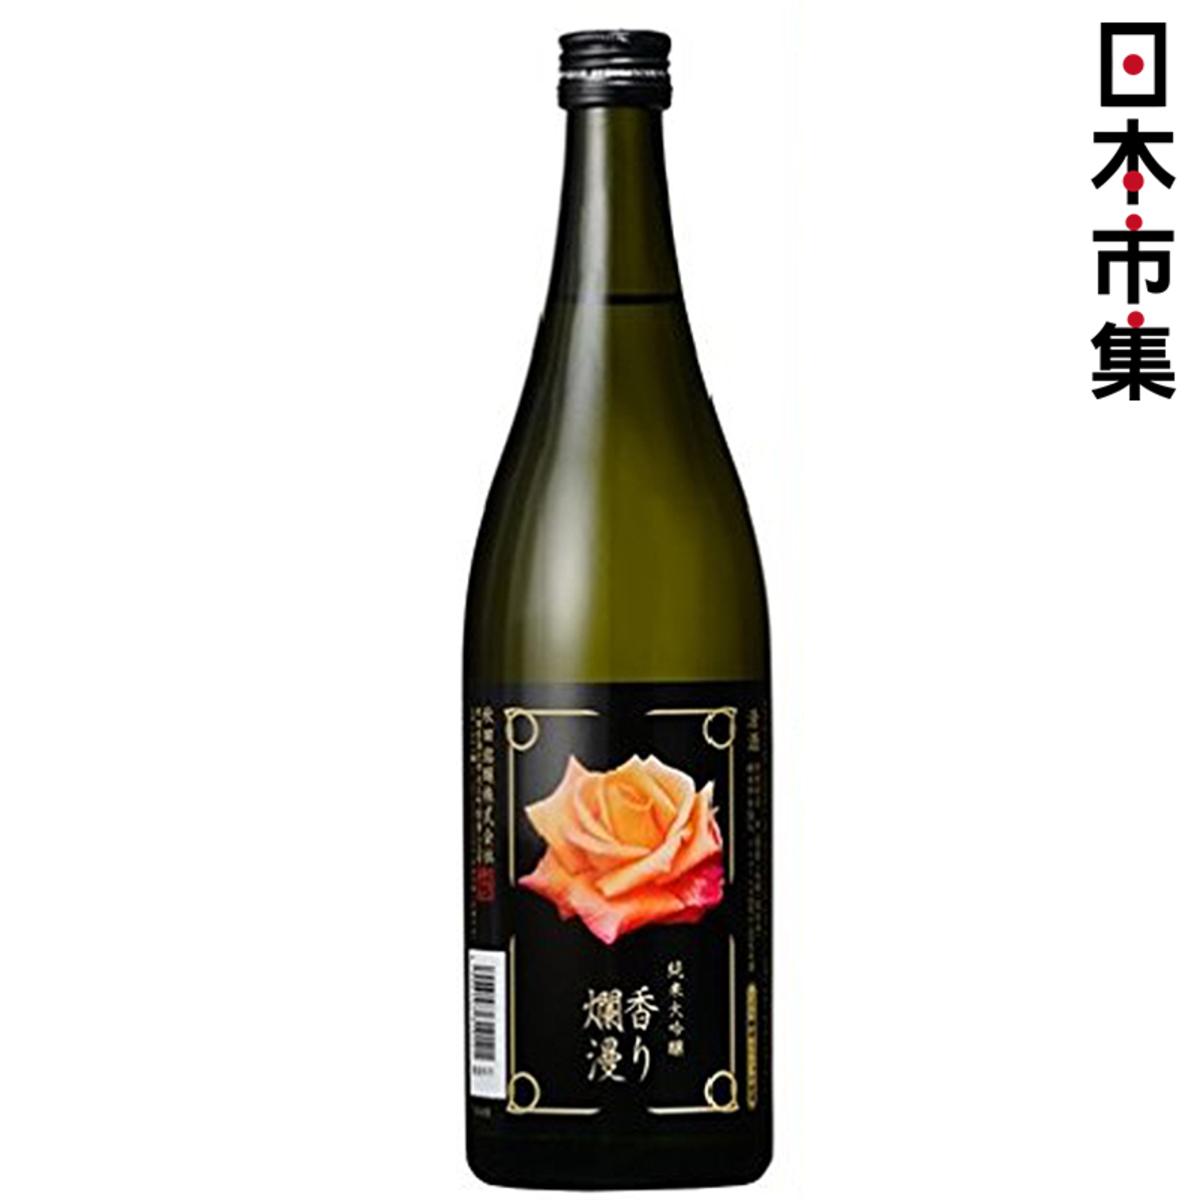 日版 爛漫 純米大吟釀 清酒 720ml【市集世界 - 日本市集】